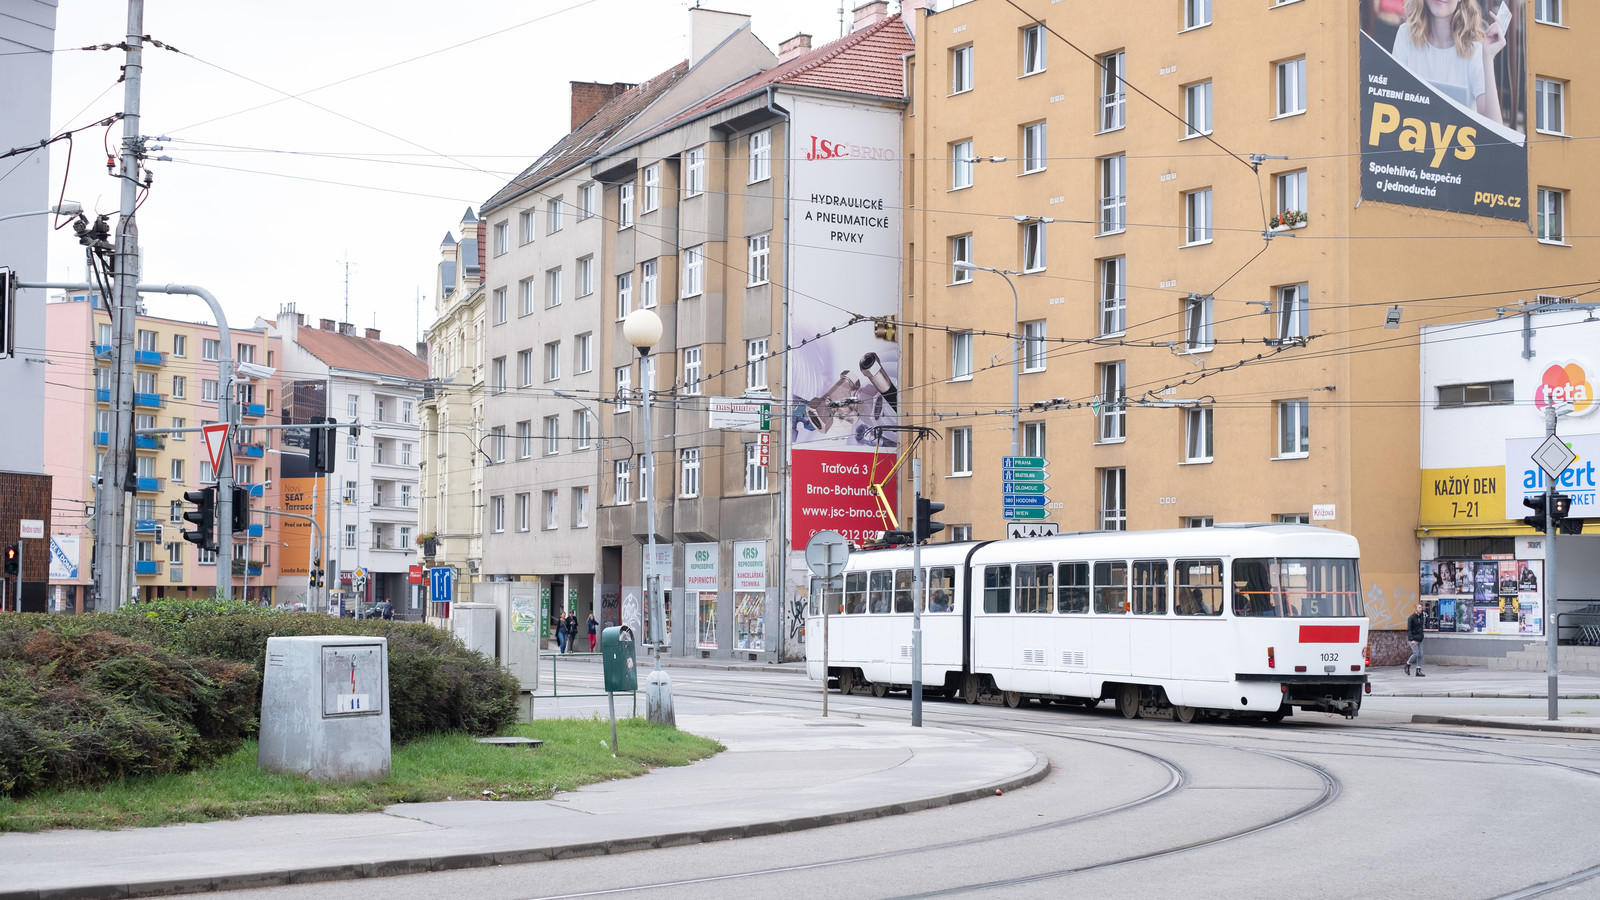 「ブルノ市街を走るトラム(チェコ共和国)」の写真